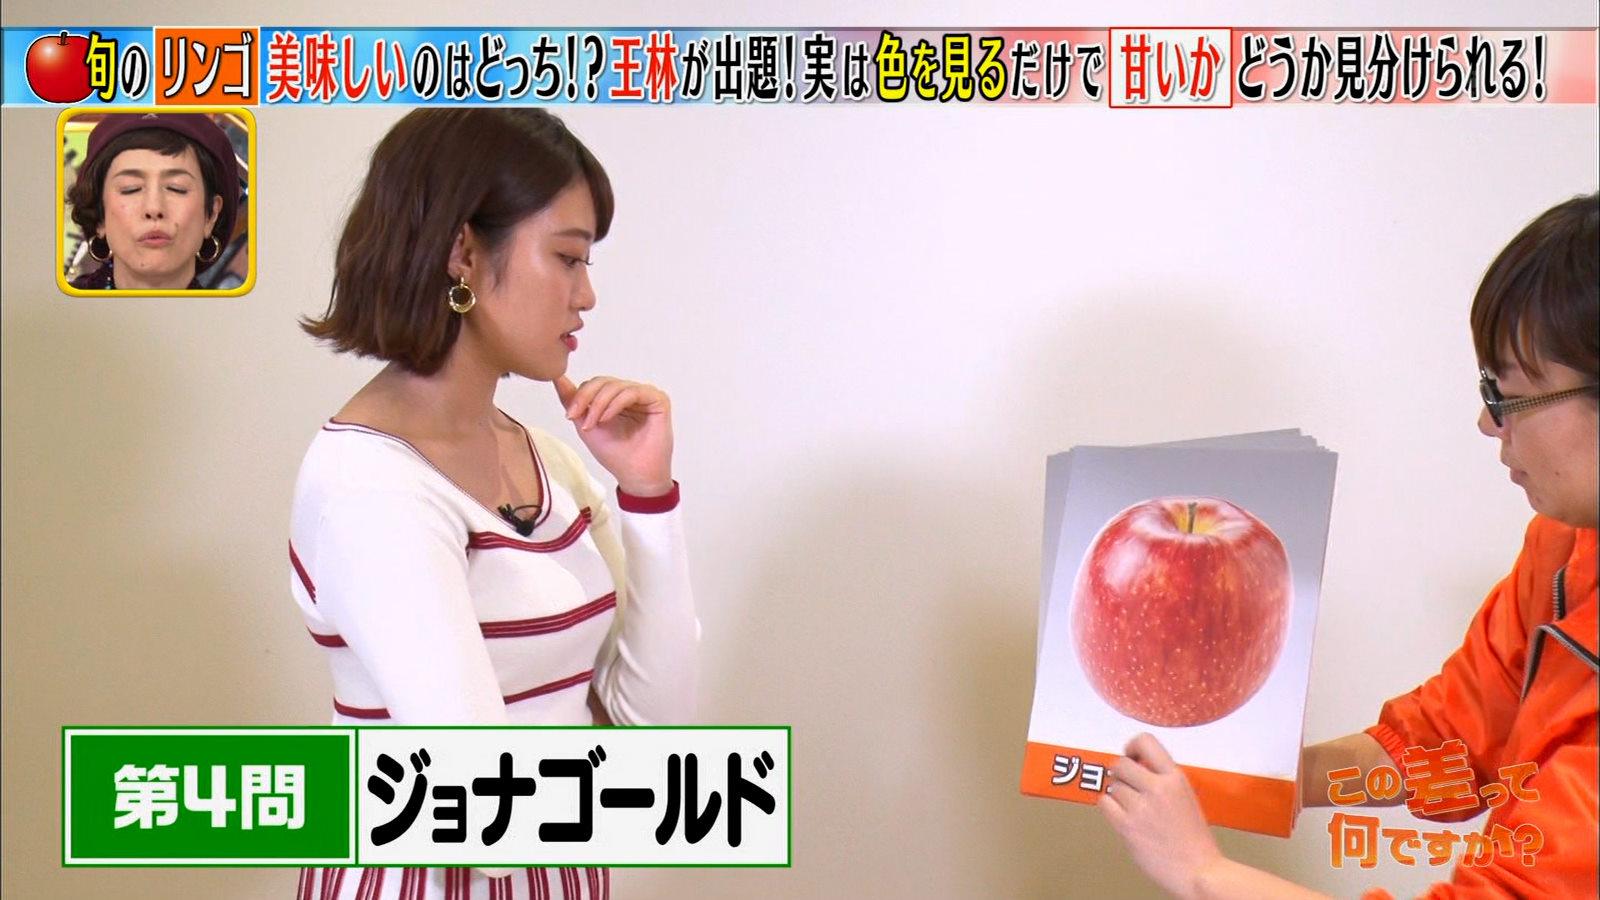 王林_おっぱい_横乳_テレビキャプ画像_07